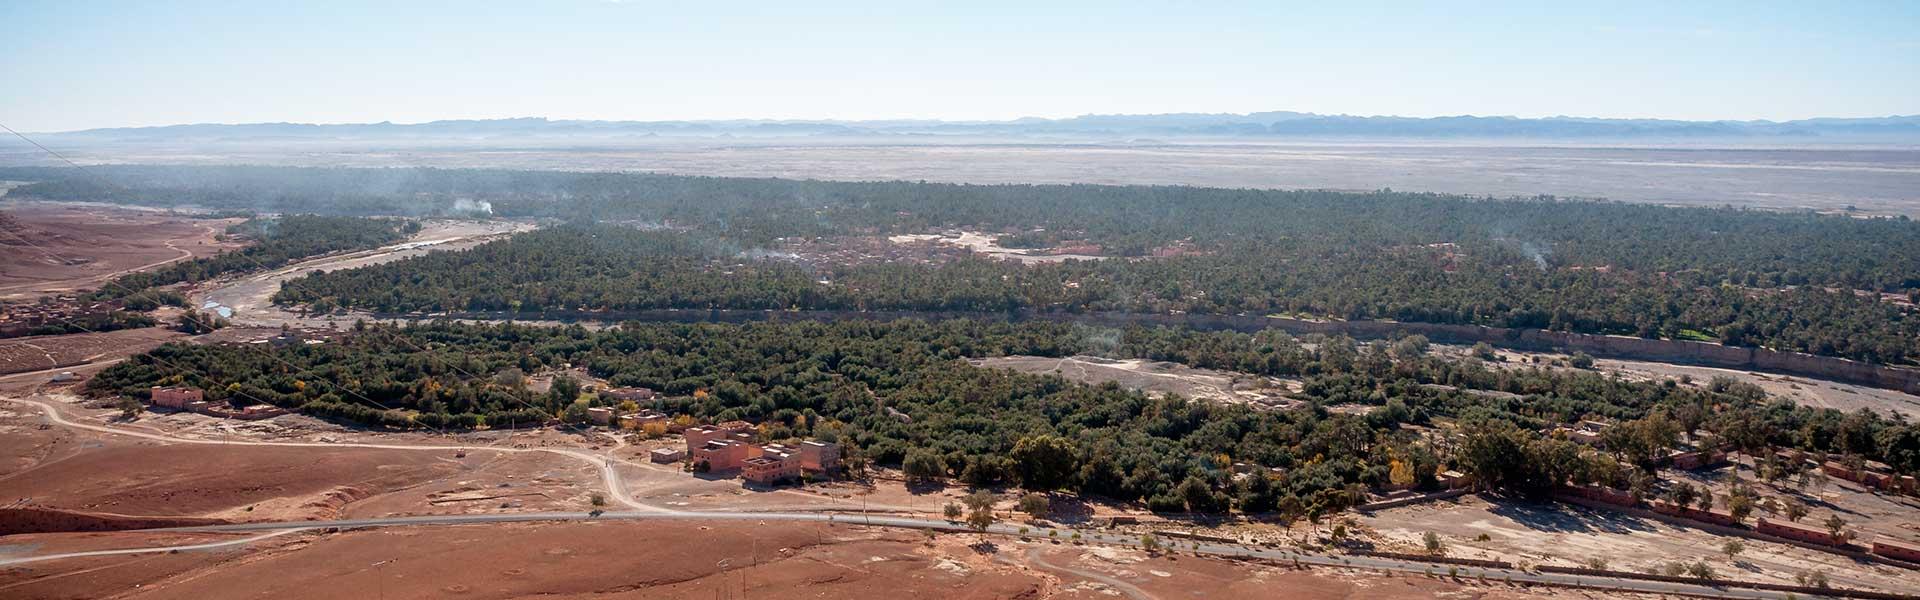 Palmeraie au Sud Est du Maroc